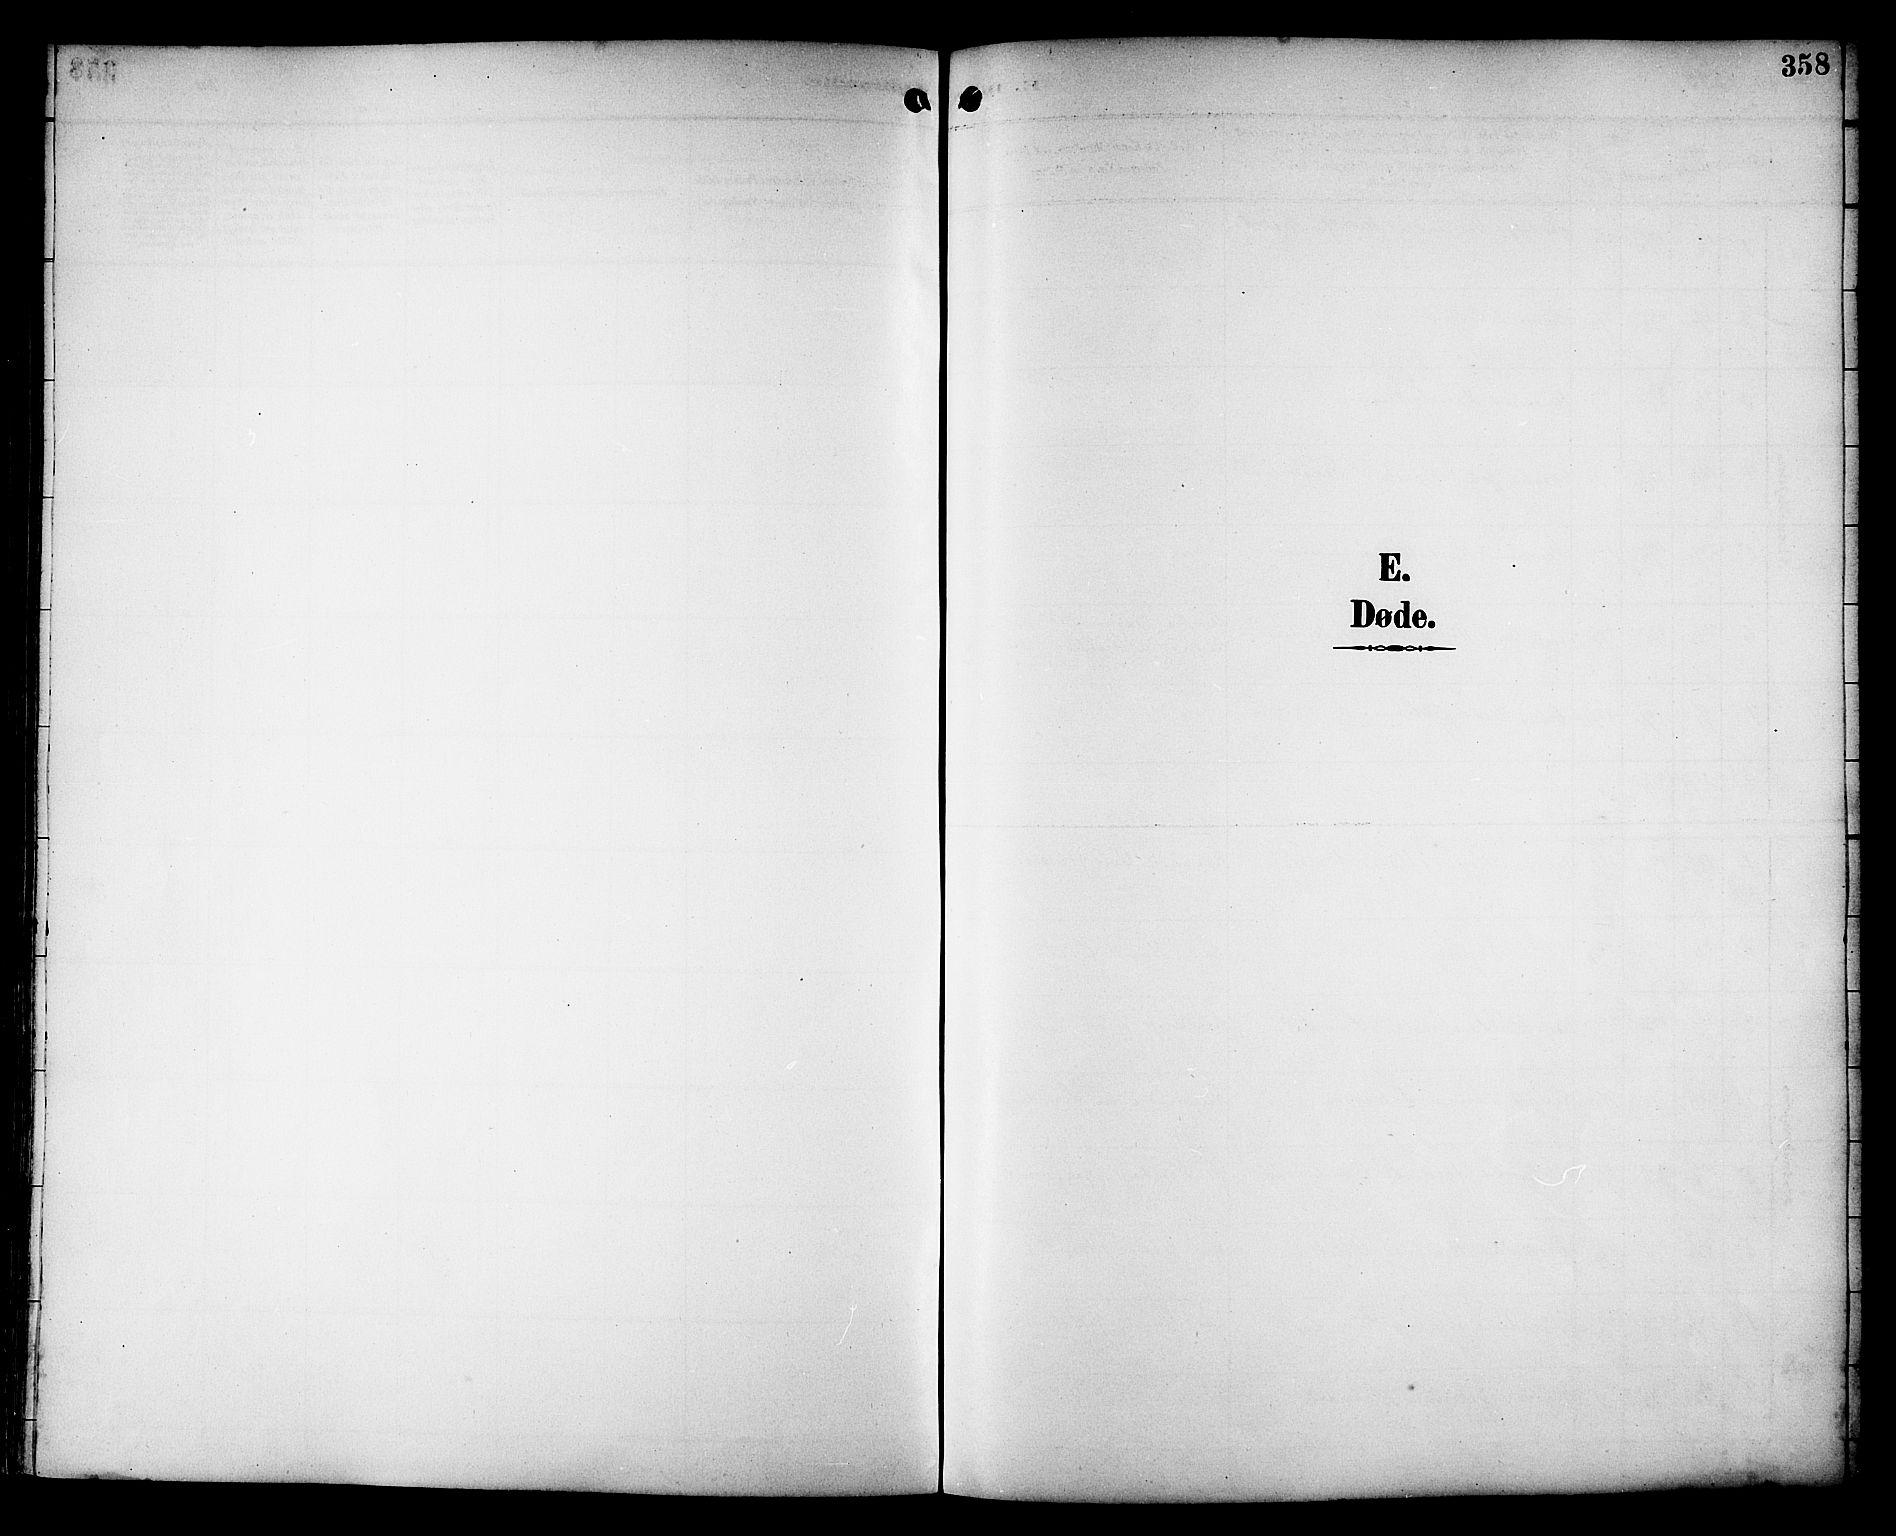 SAT, Ministerialprotokoller, klokkerbøker og fødselsregistre - Sør-Trøndelag, 659/L0746: Klokkerbok nr. 659C03, 1893-1912, s. 358